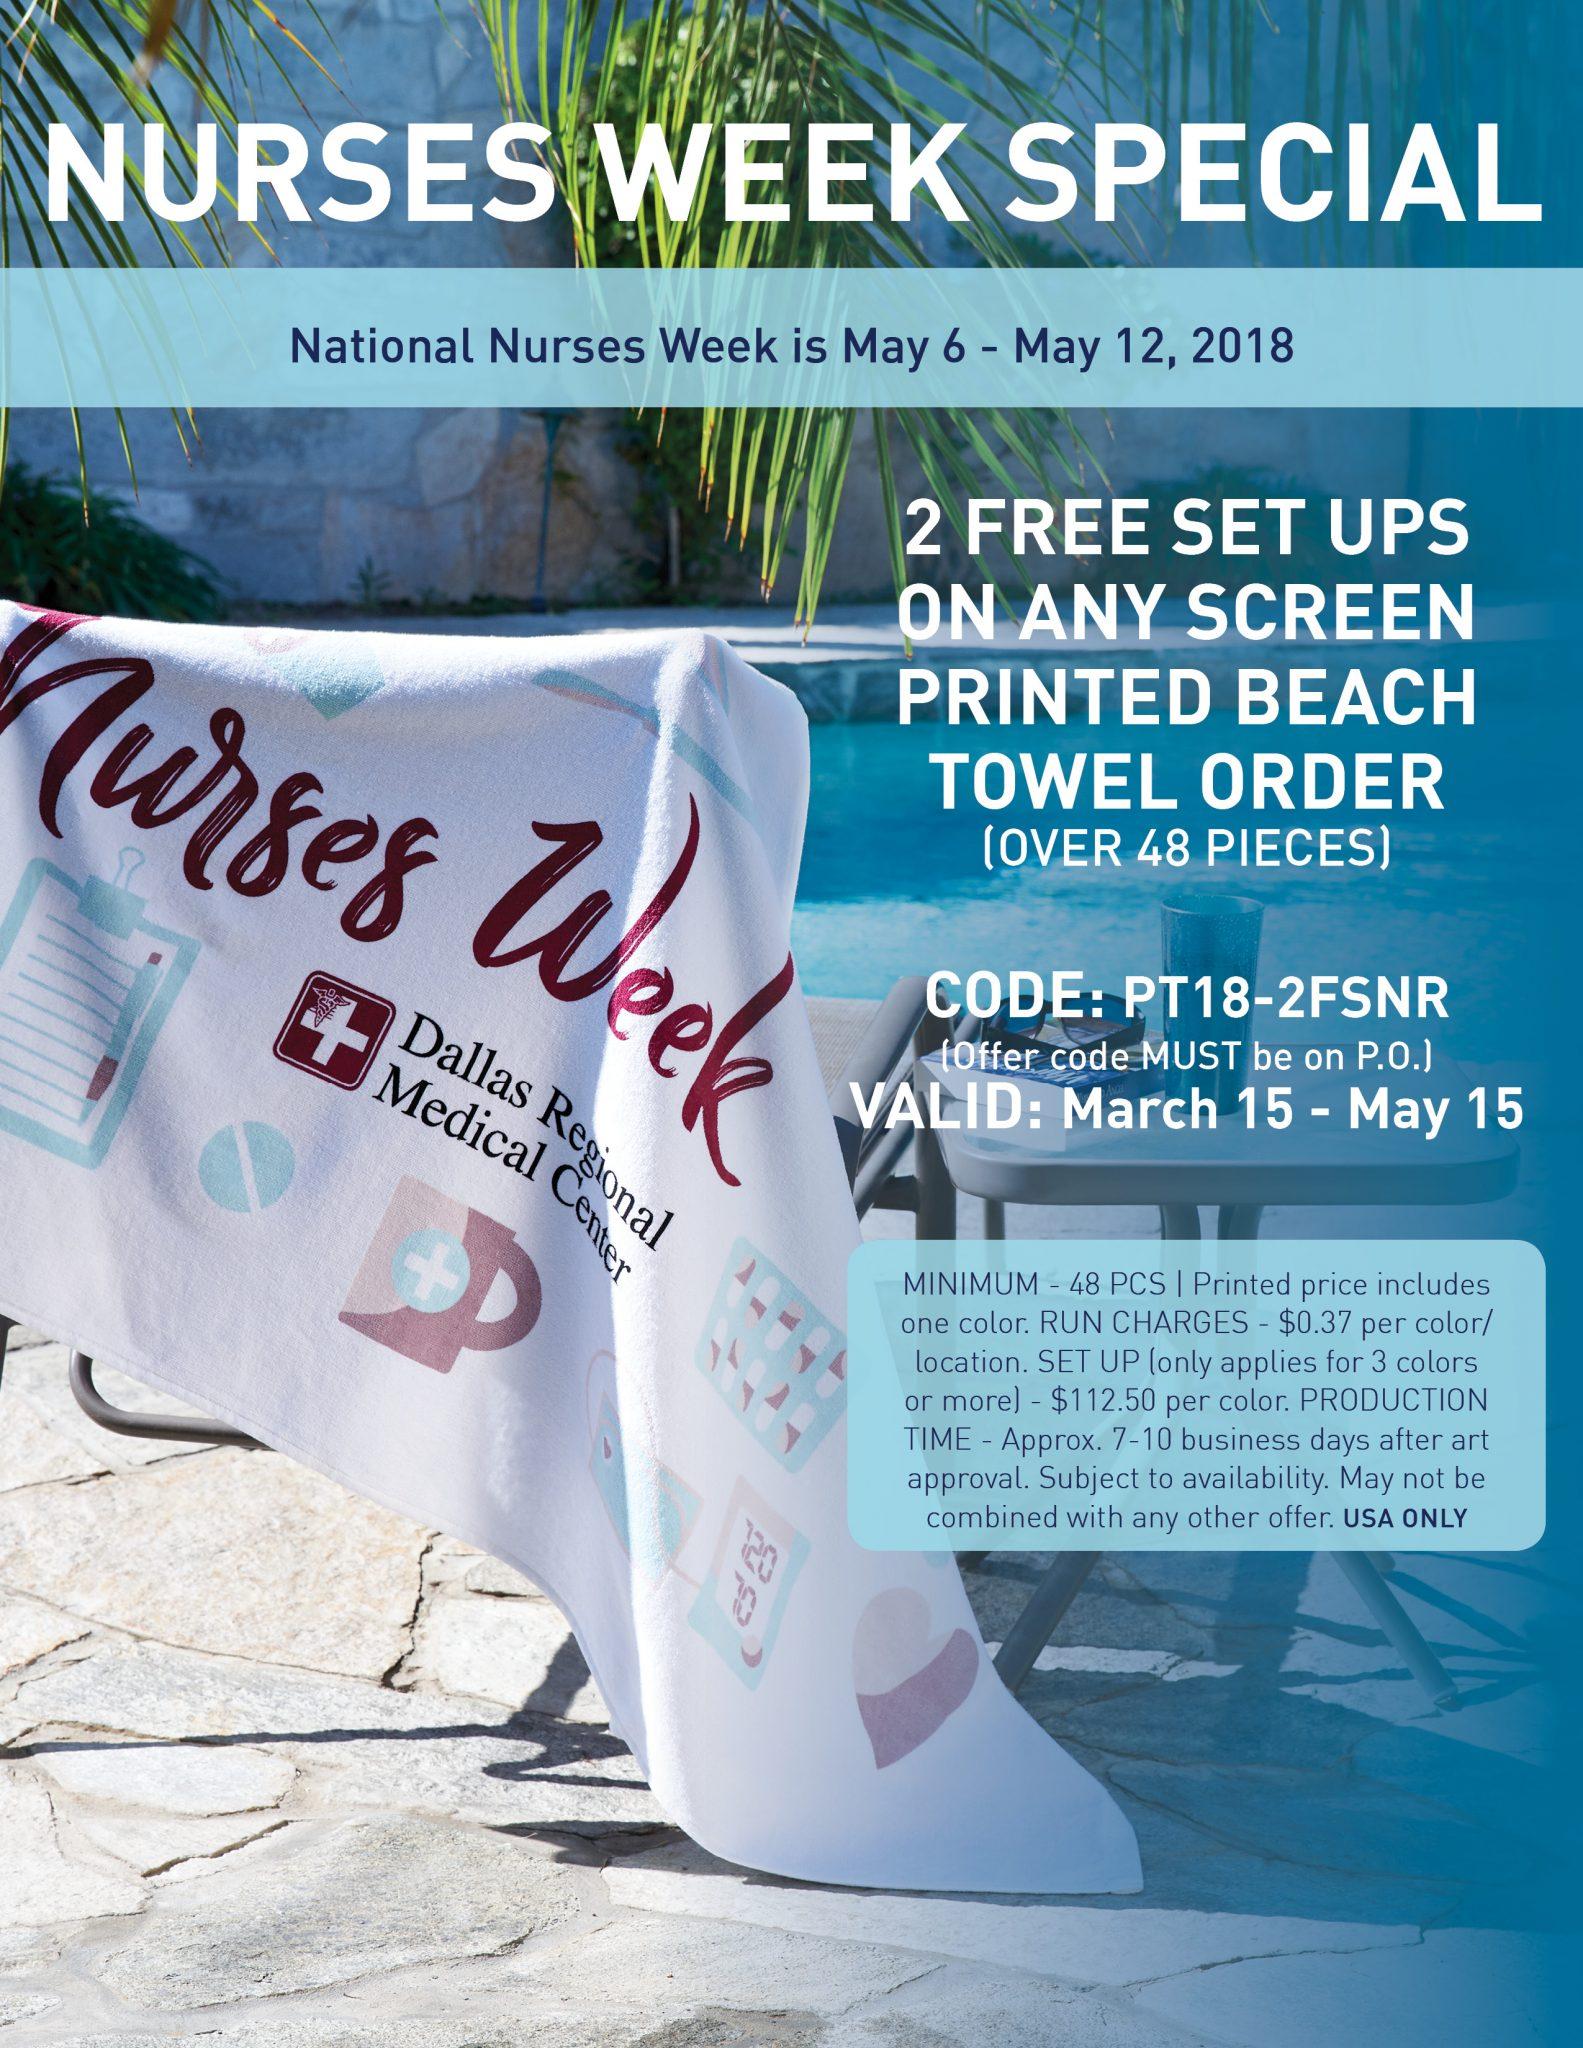 Nurses Week Special